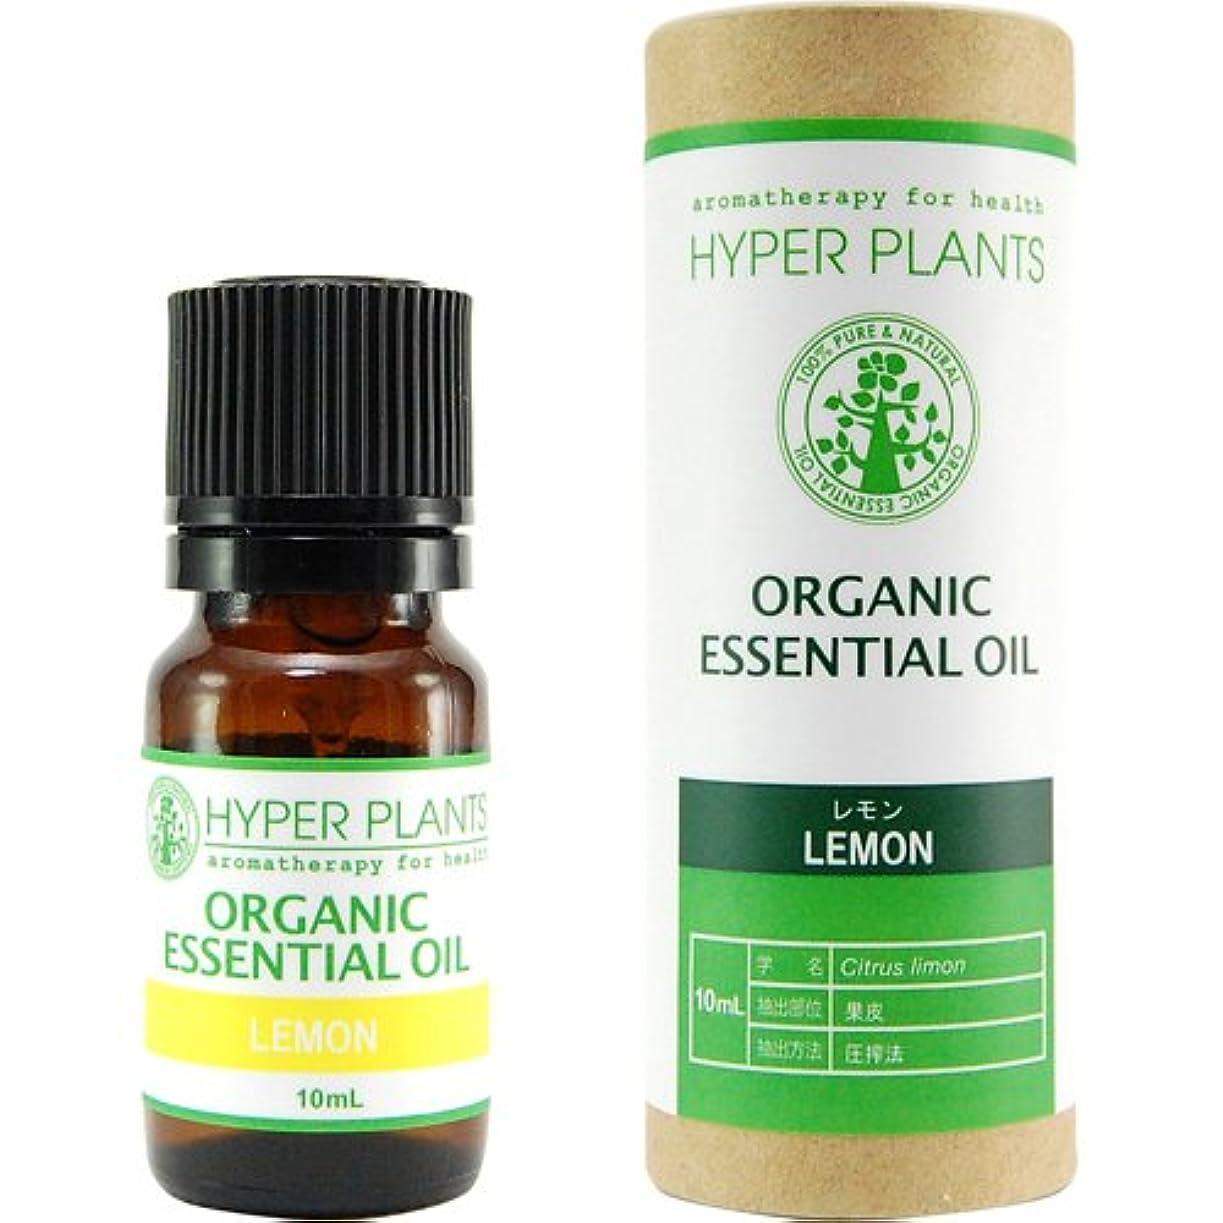 説明赤字ラダHYPER PLANTS ハイパープランツ オーガニックエッセンシャルオイル レモン 10ml HE0218